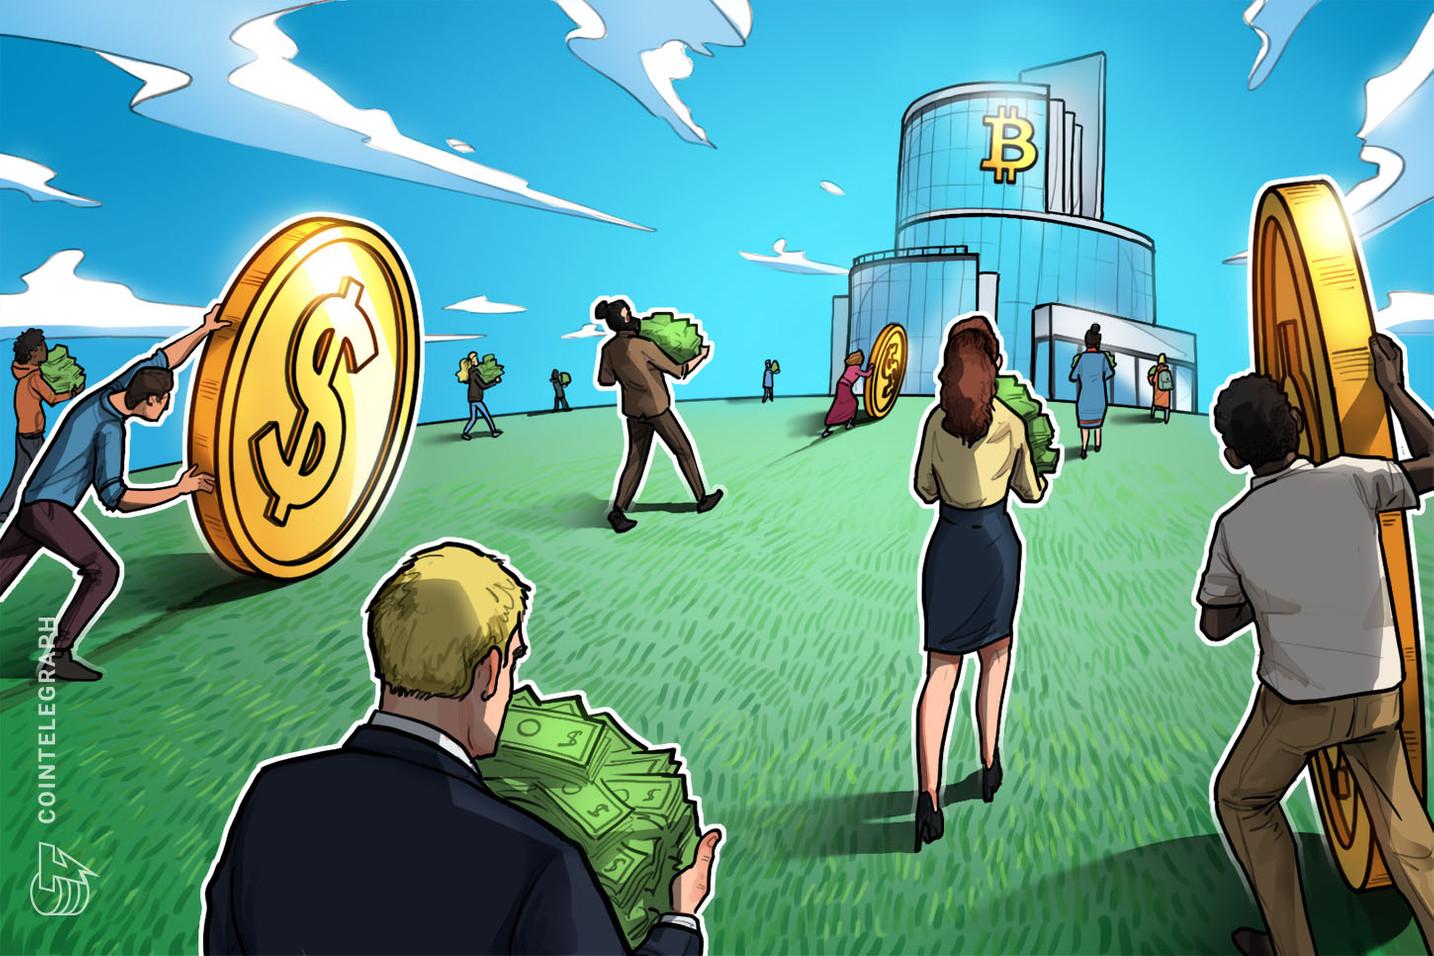 NYDIG recauda 150 millones de dólares para dos fondos de inversión de Bitcoin